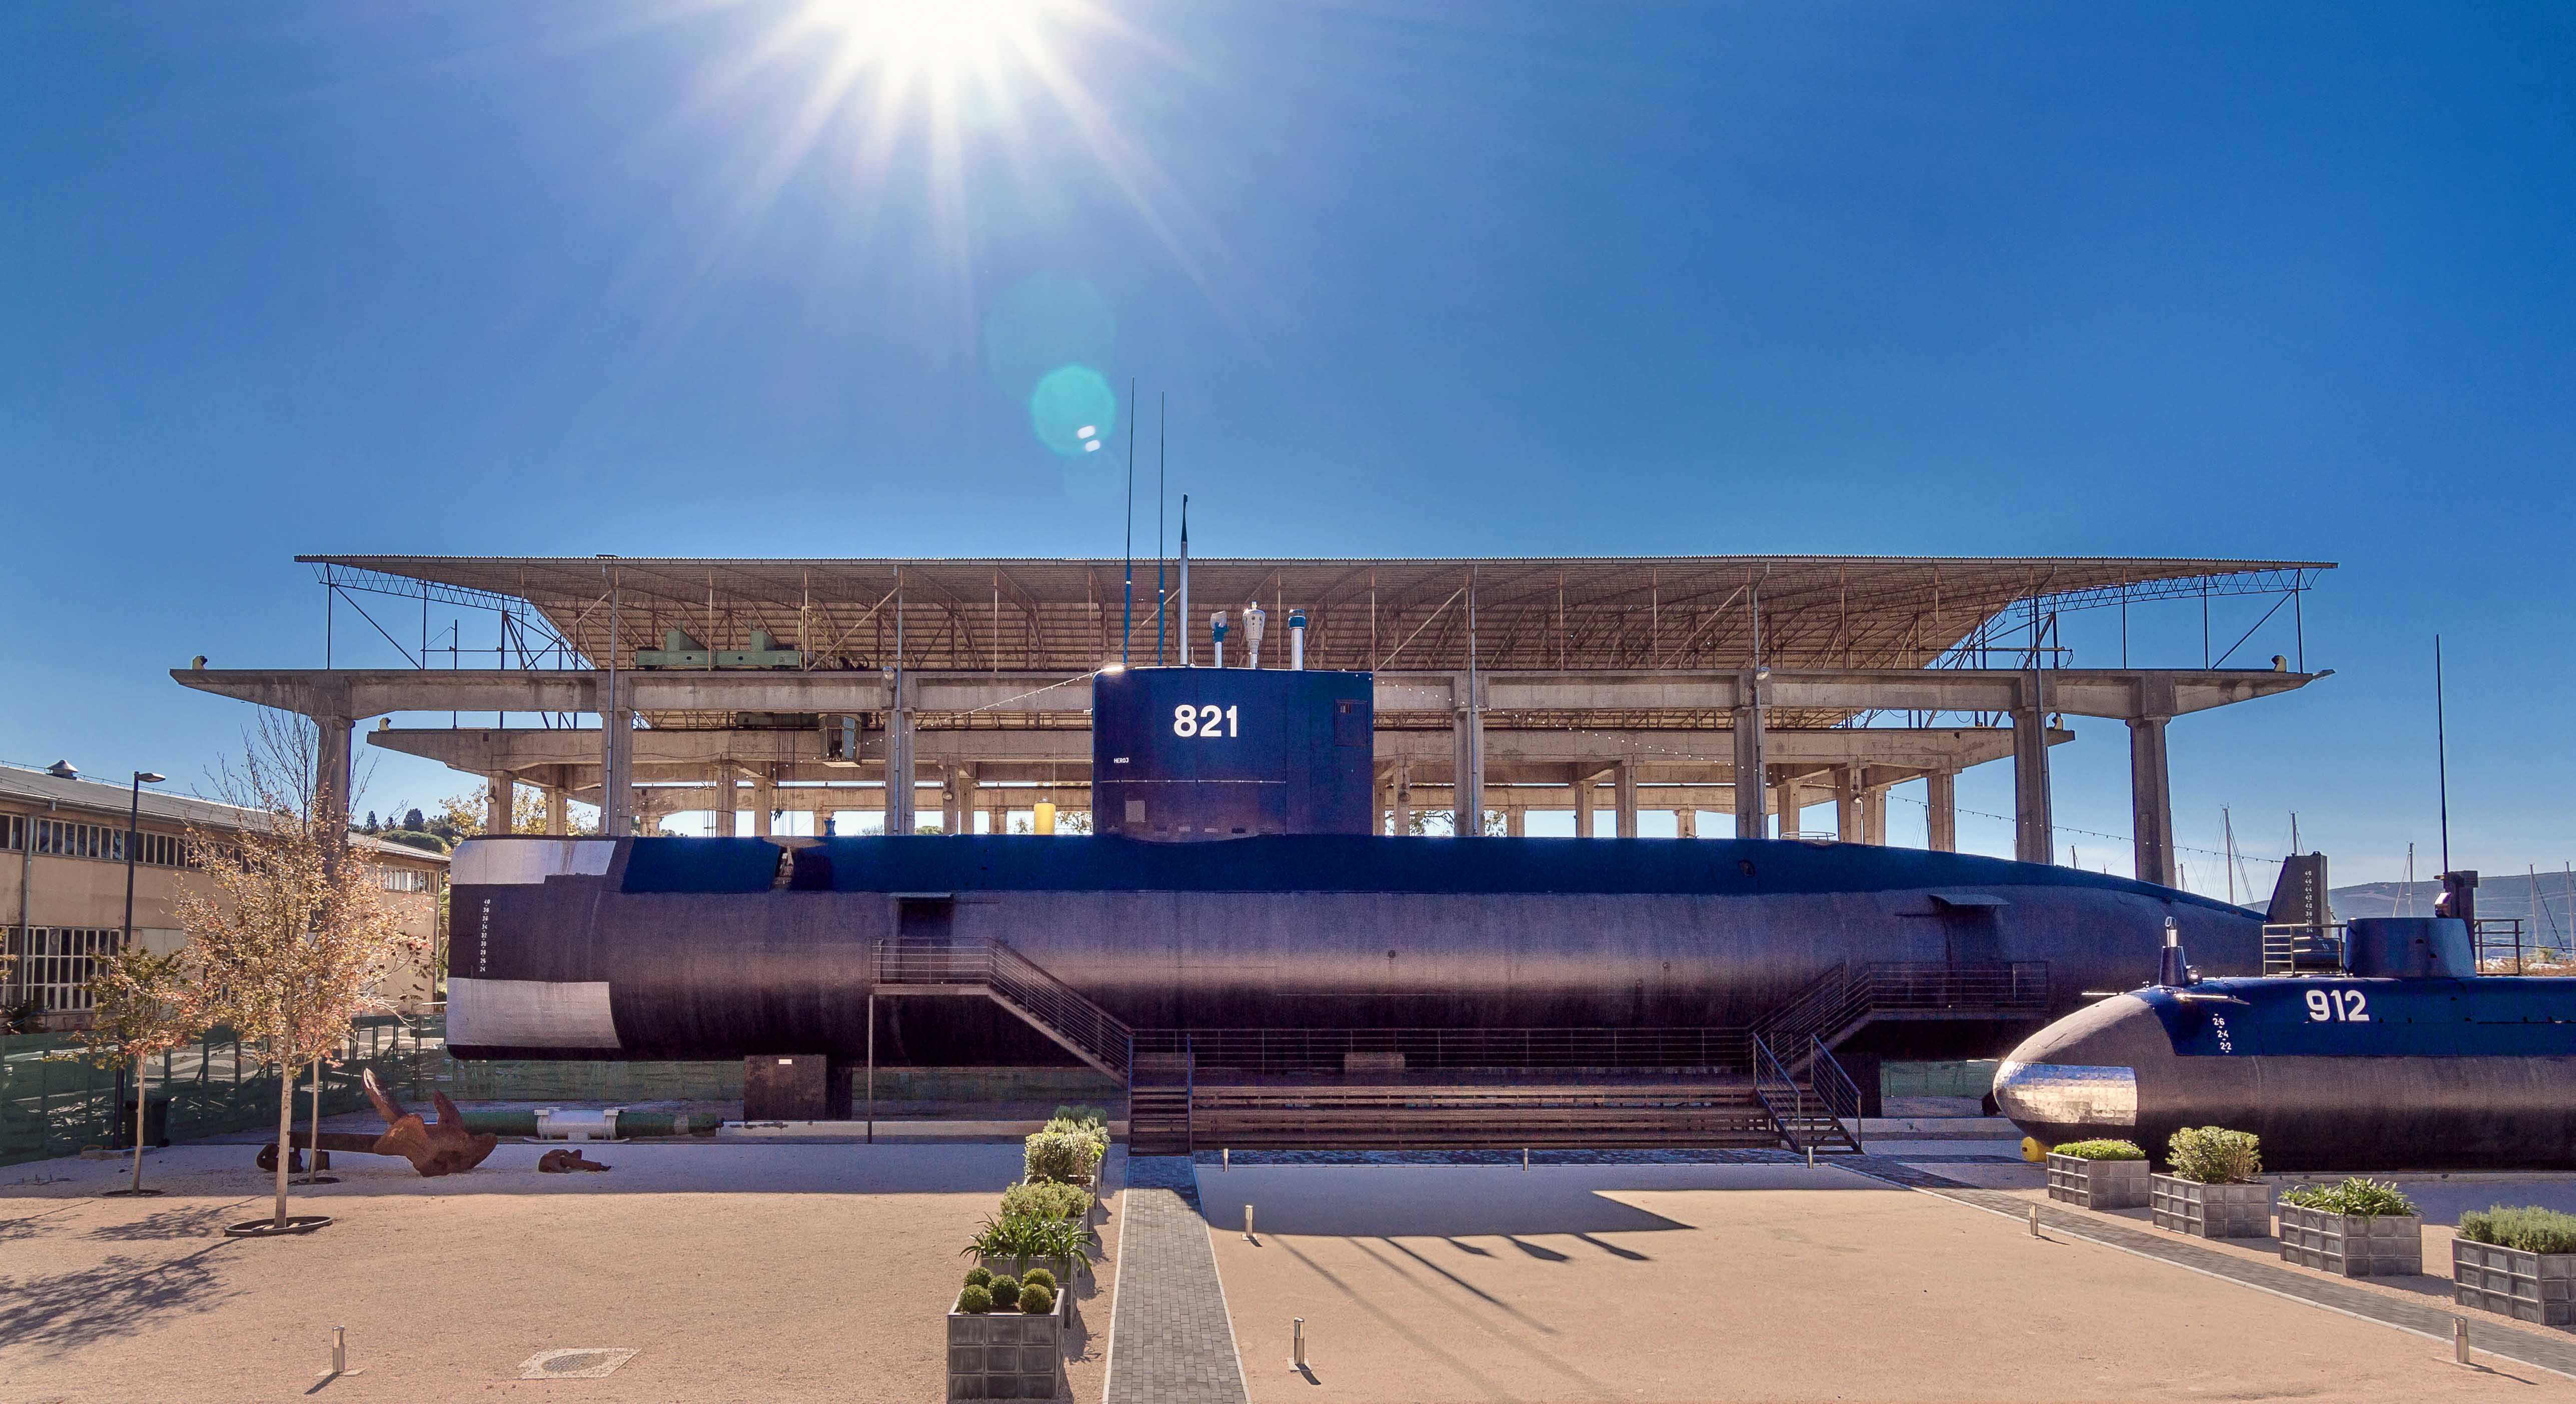 Музей морского наследия и подводная лодка